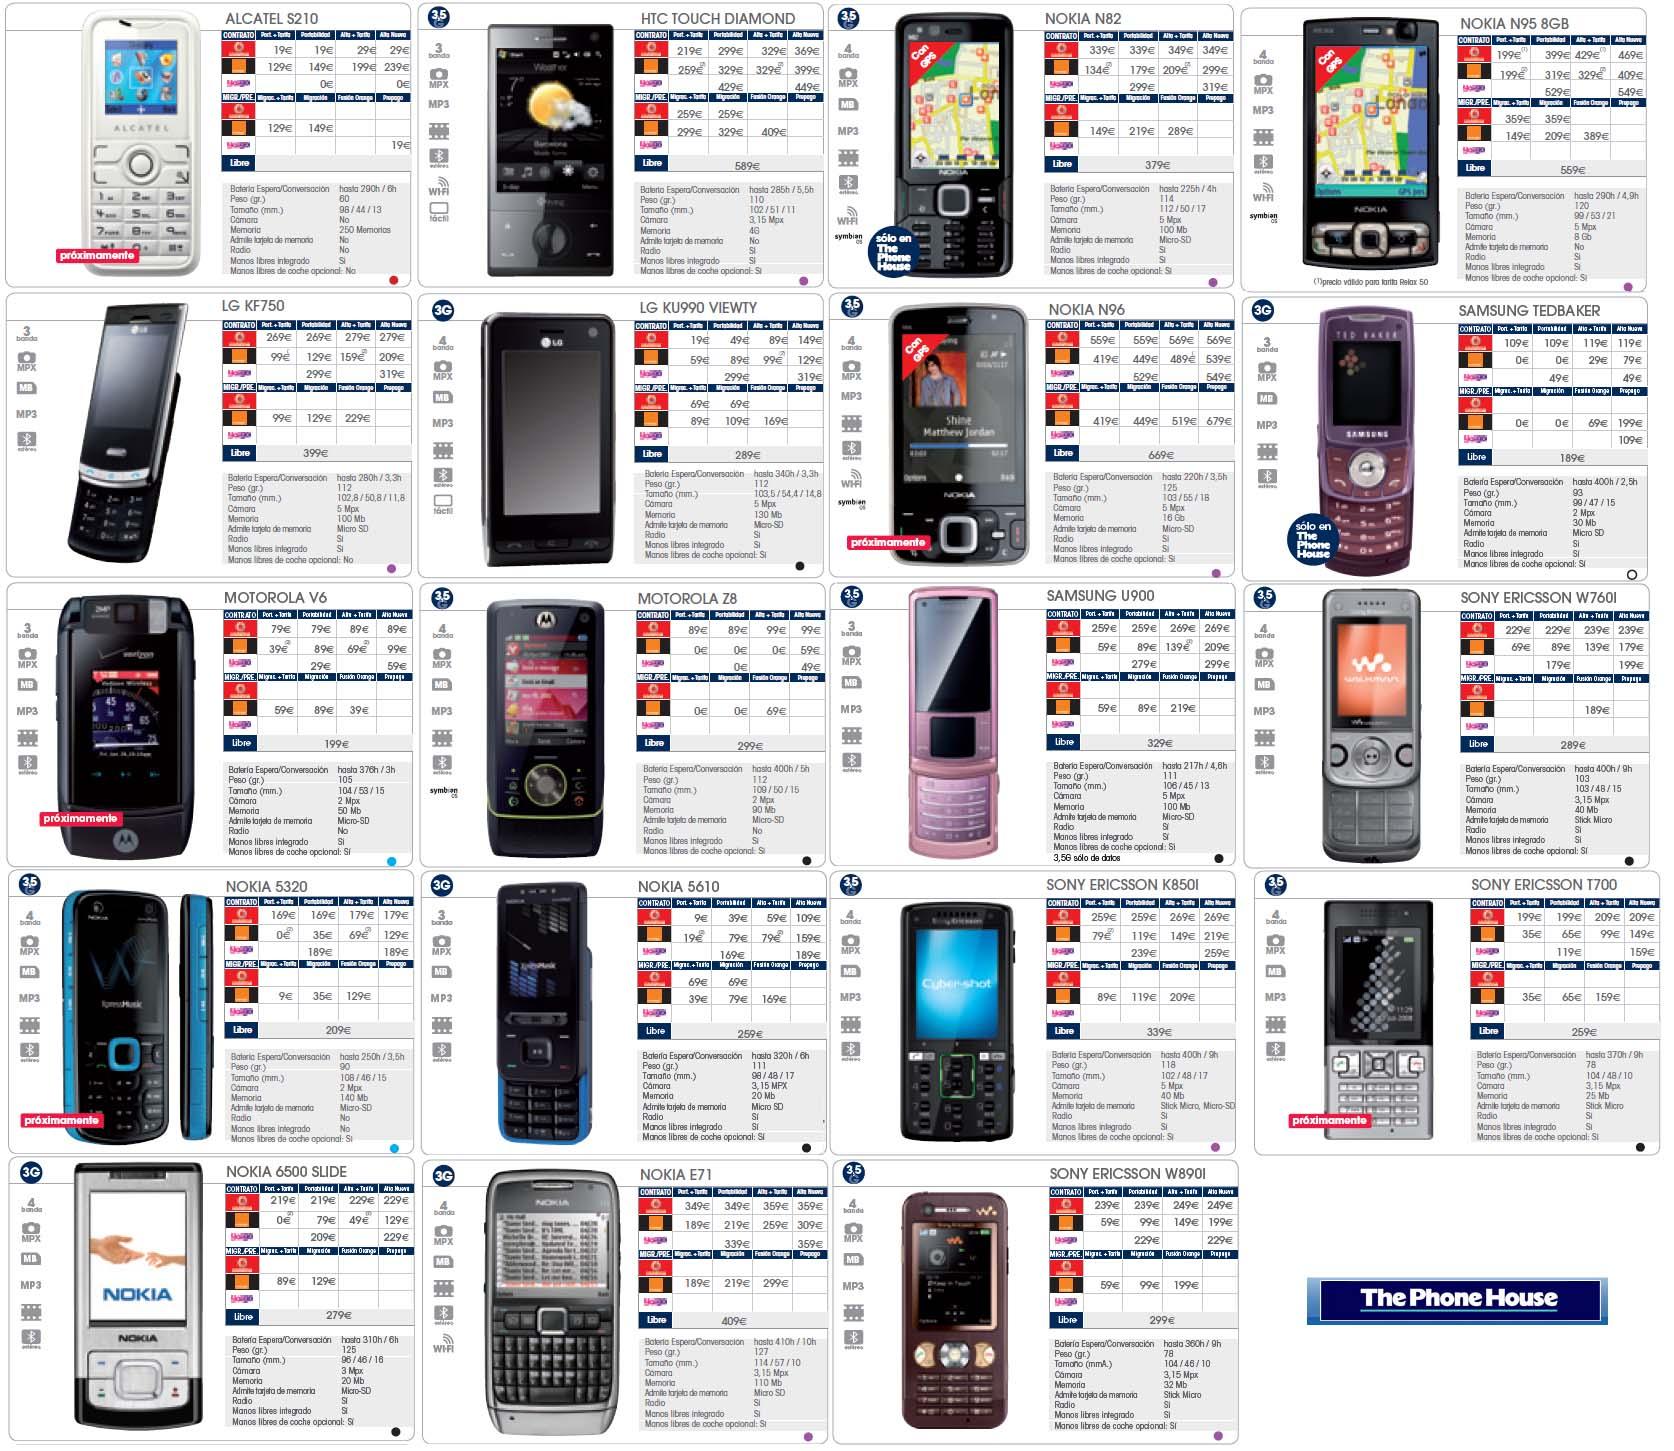 Móviles Yoigo de Octubre en The Phone House - móvilToday